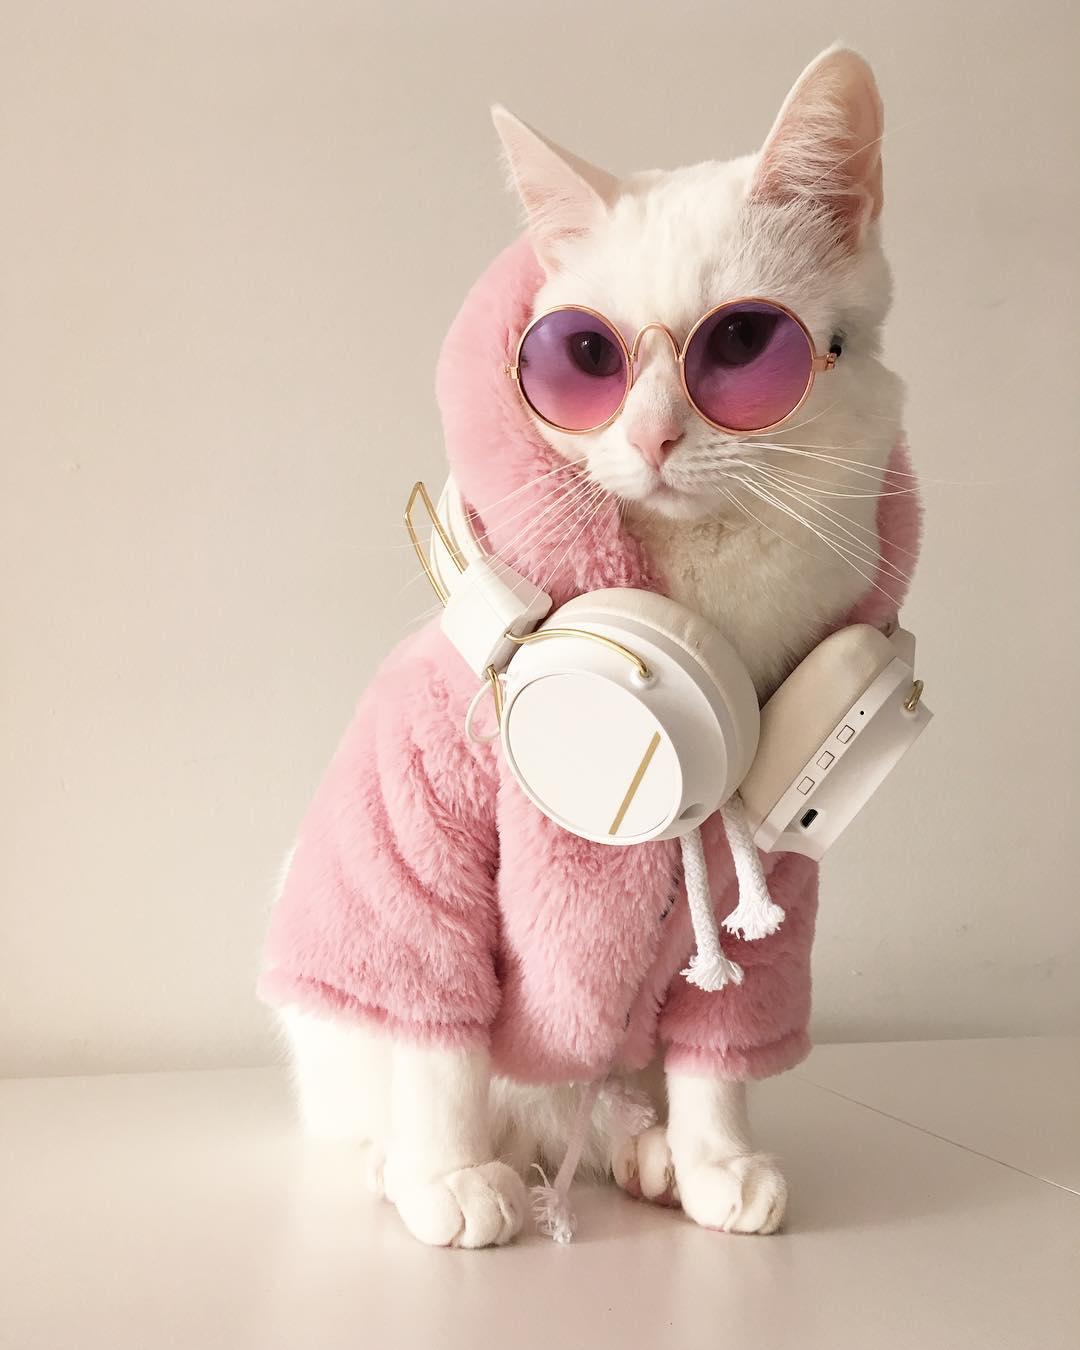 24254100 1837326366559284 7027246320859480064 n - Zappa, Kucing Sosialita dengan Gaya Trendi dan Stylish